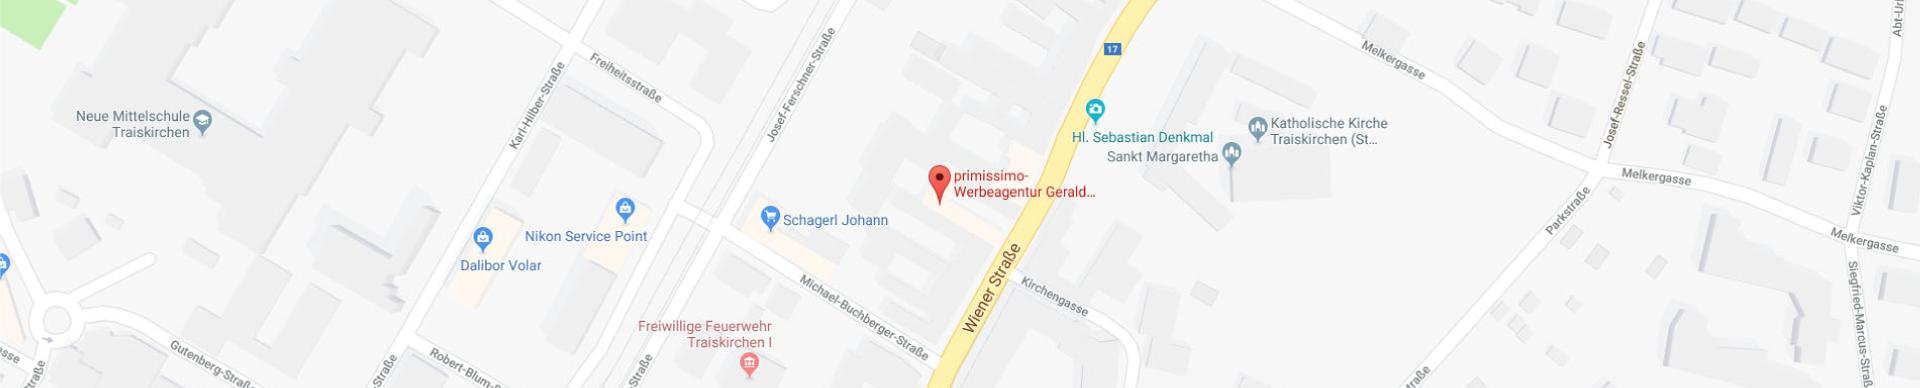 Primissimo auf GoogleMaps